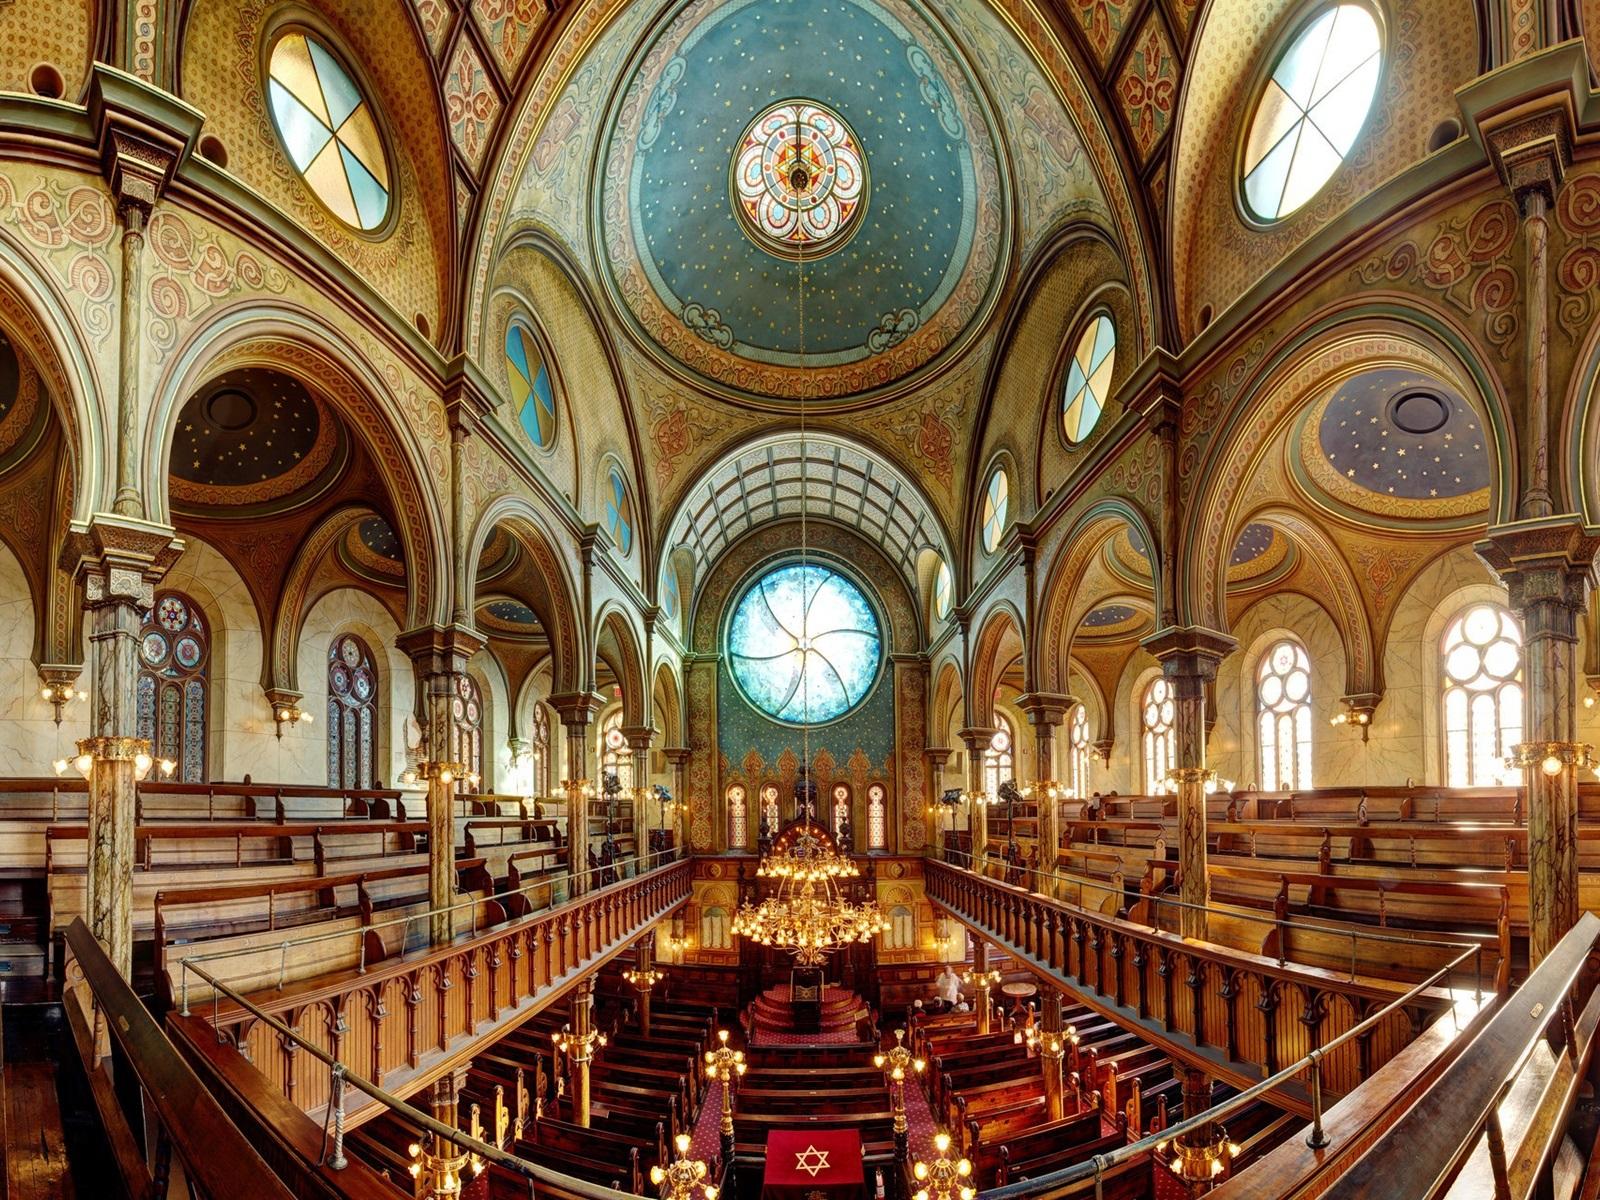 Download hintergrundbilder 1600x1200 synagoge interieur for Interieur new york